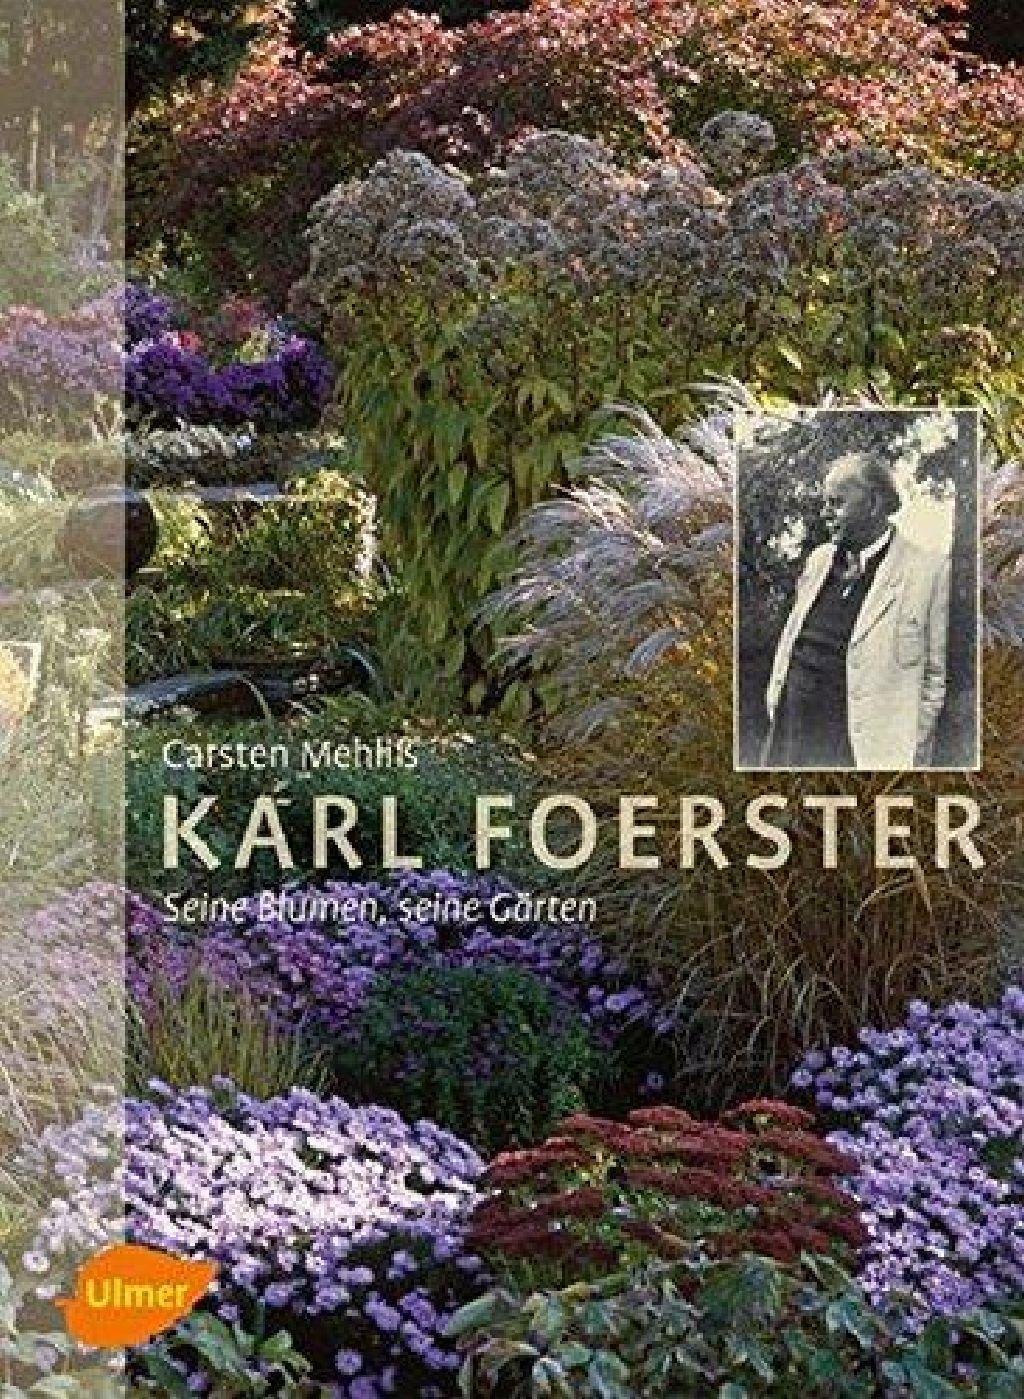 1512 Karl Foerster seine Blumen seine Grten 15e29d1db1e19c 900x900 2x